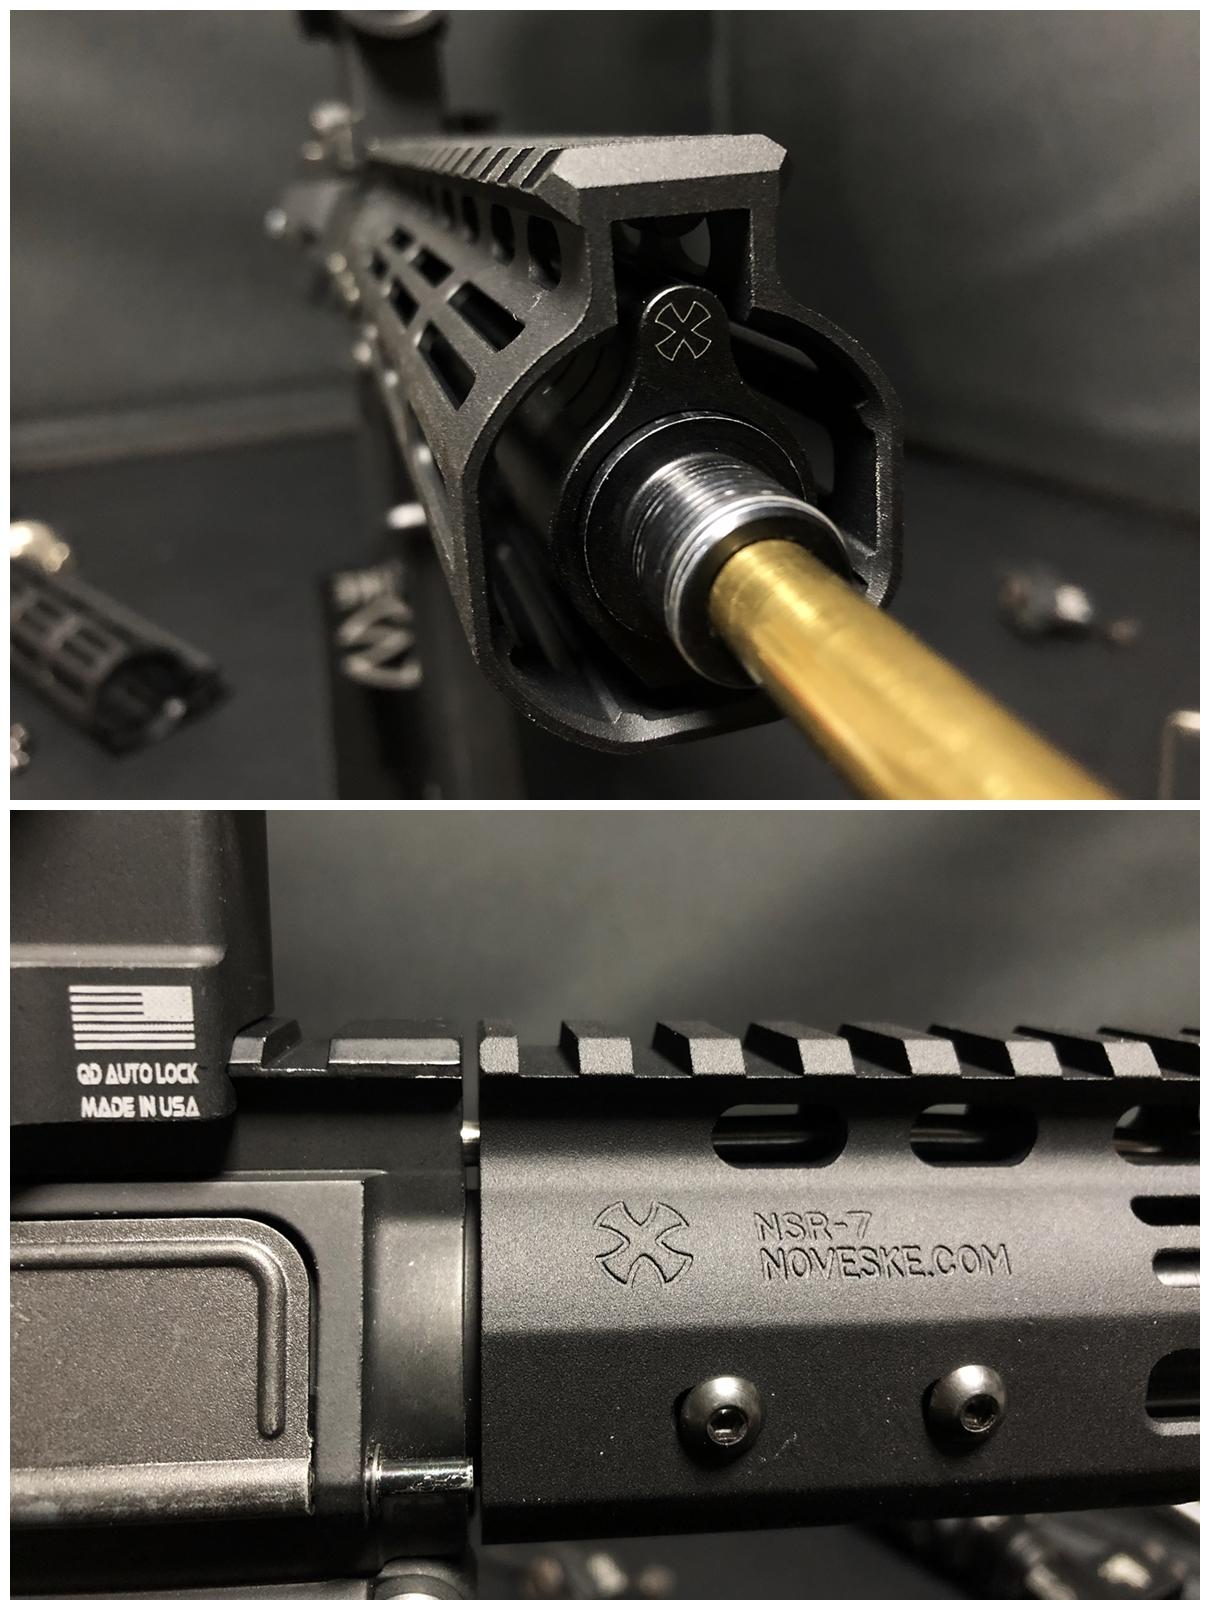 28 『微々たる変化』と『微々たる進化』 IRON vs 5KU M-LOK NSR NOVESKE TYPE N4 M4 AR15 ハンドガード 購入 分解 交換 検証 取付 レビュー